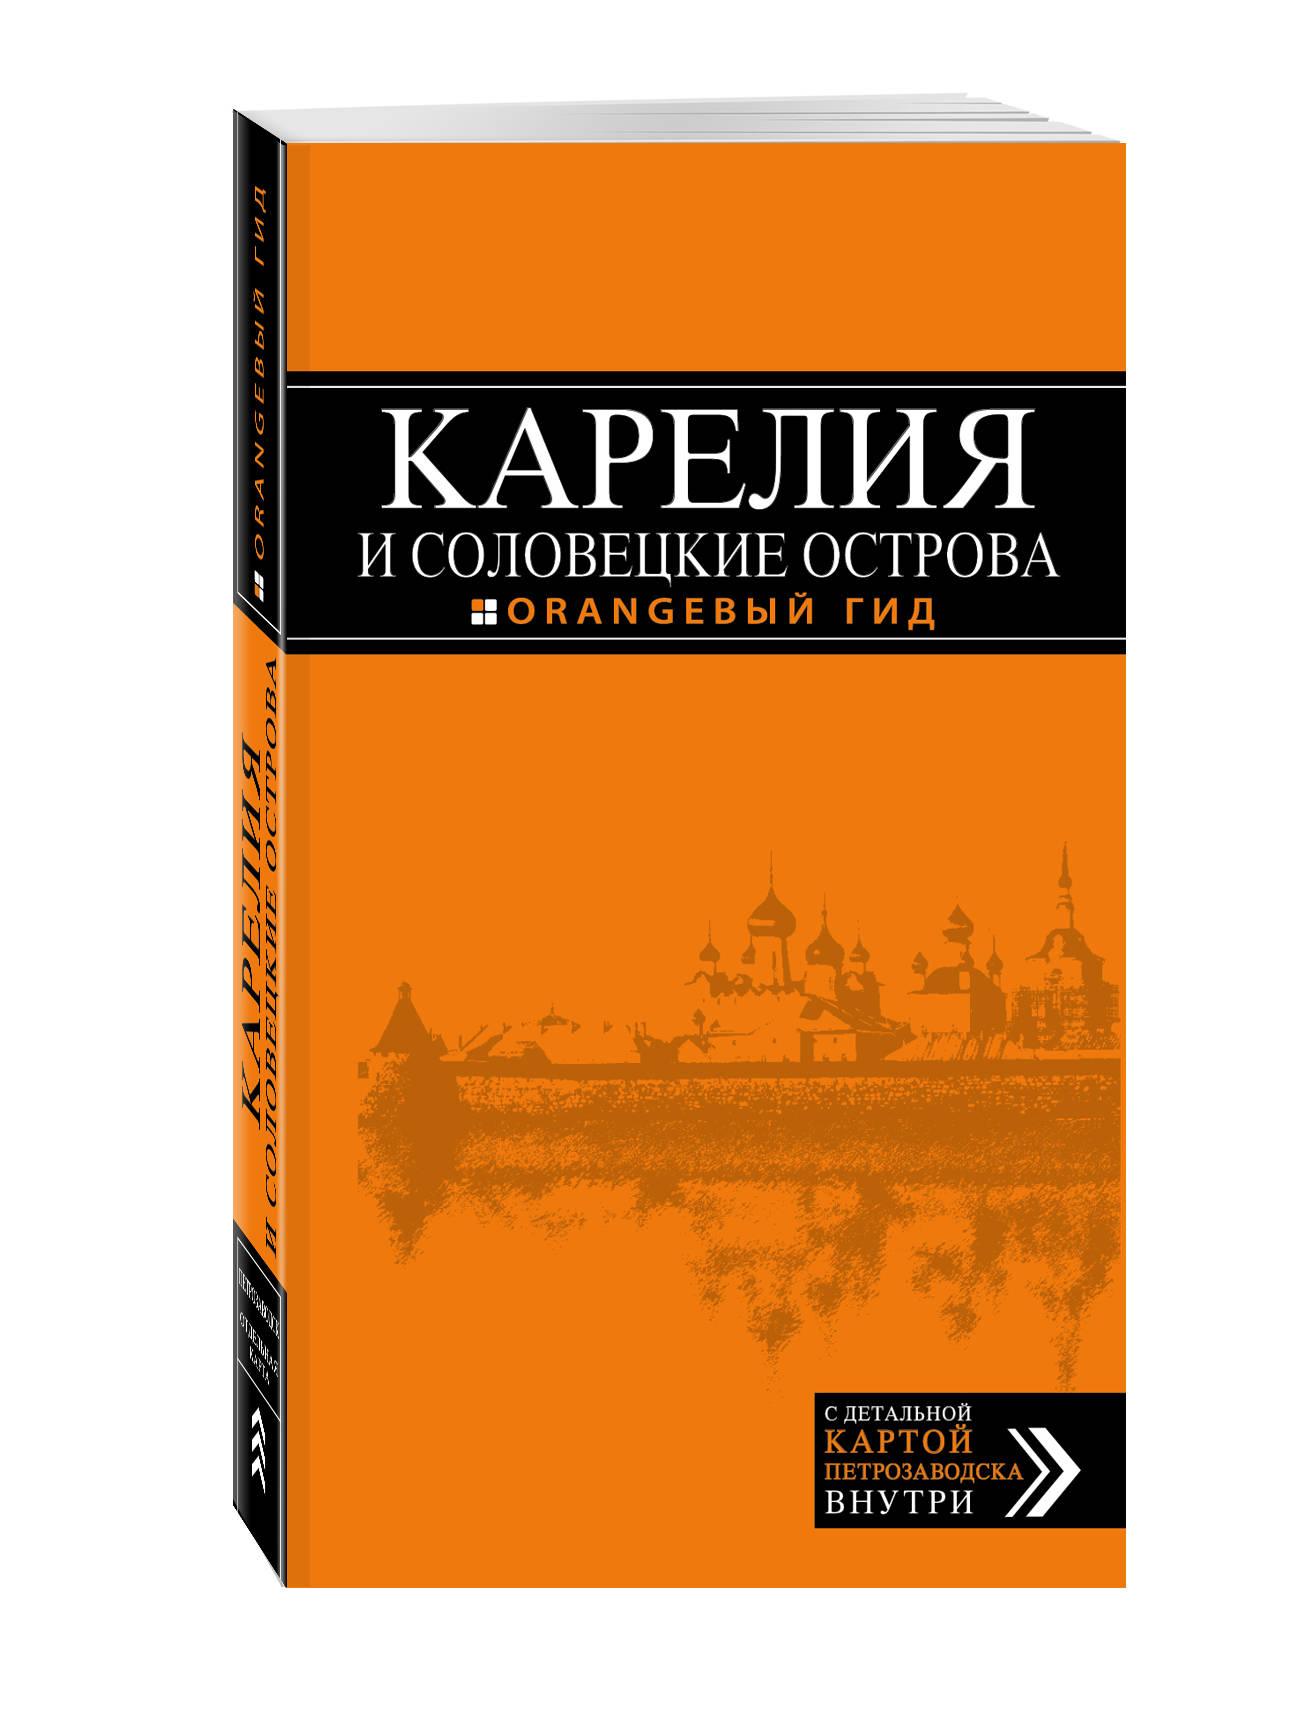 Голомолзин Е.В. Карелия и Соловецкие острова, 2-е издание евгений голомолзин карелия и соловецкие острова